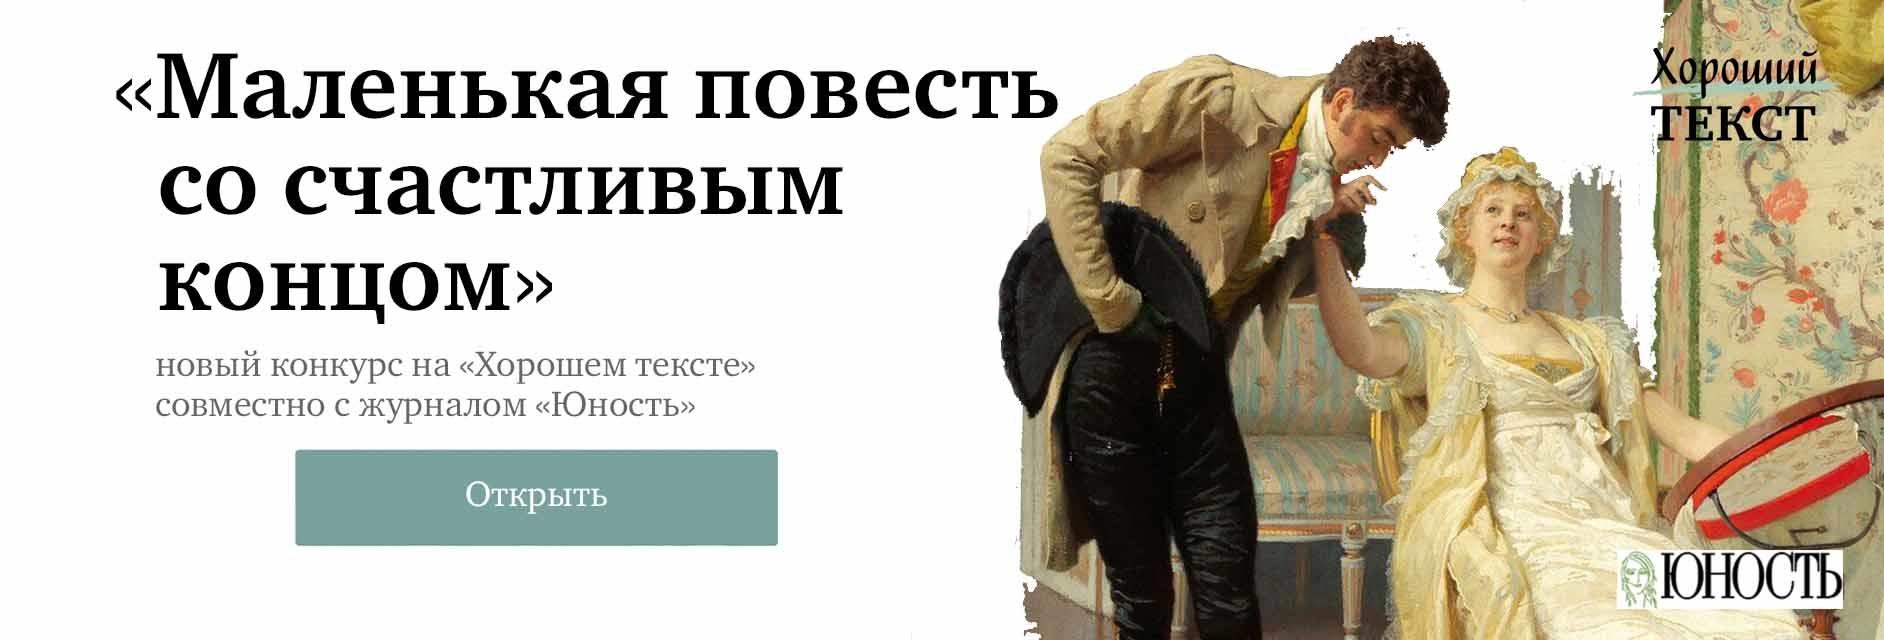 Дух портала: Новый конкурс «Хорошего текста» и журнала «Юность».